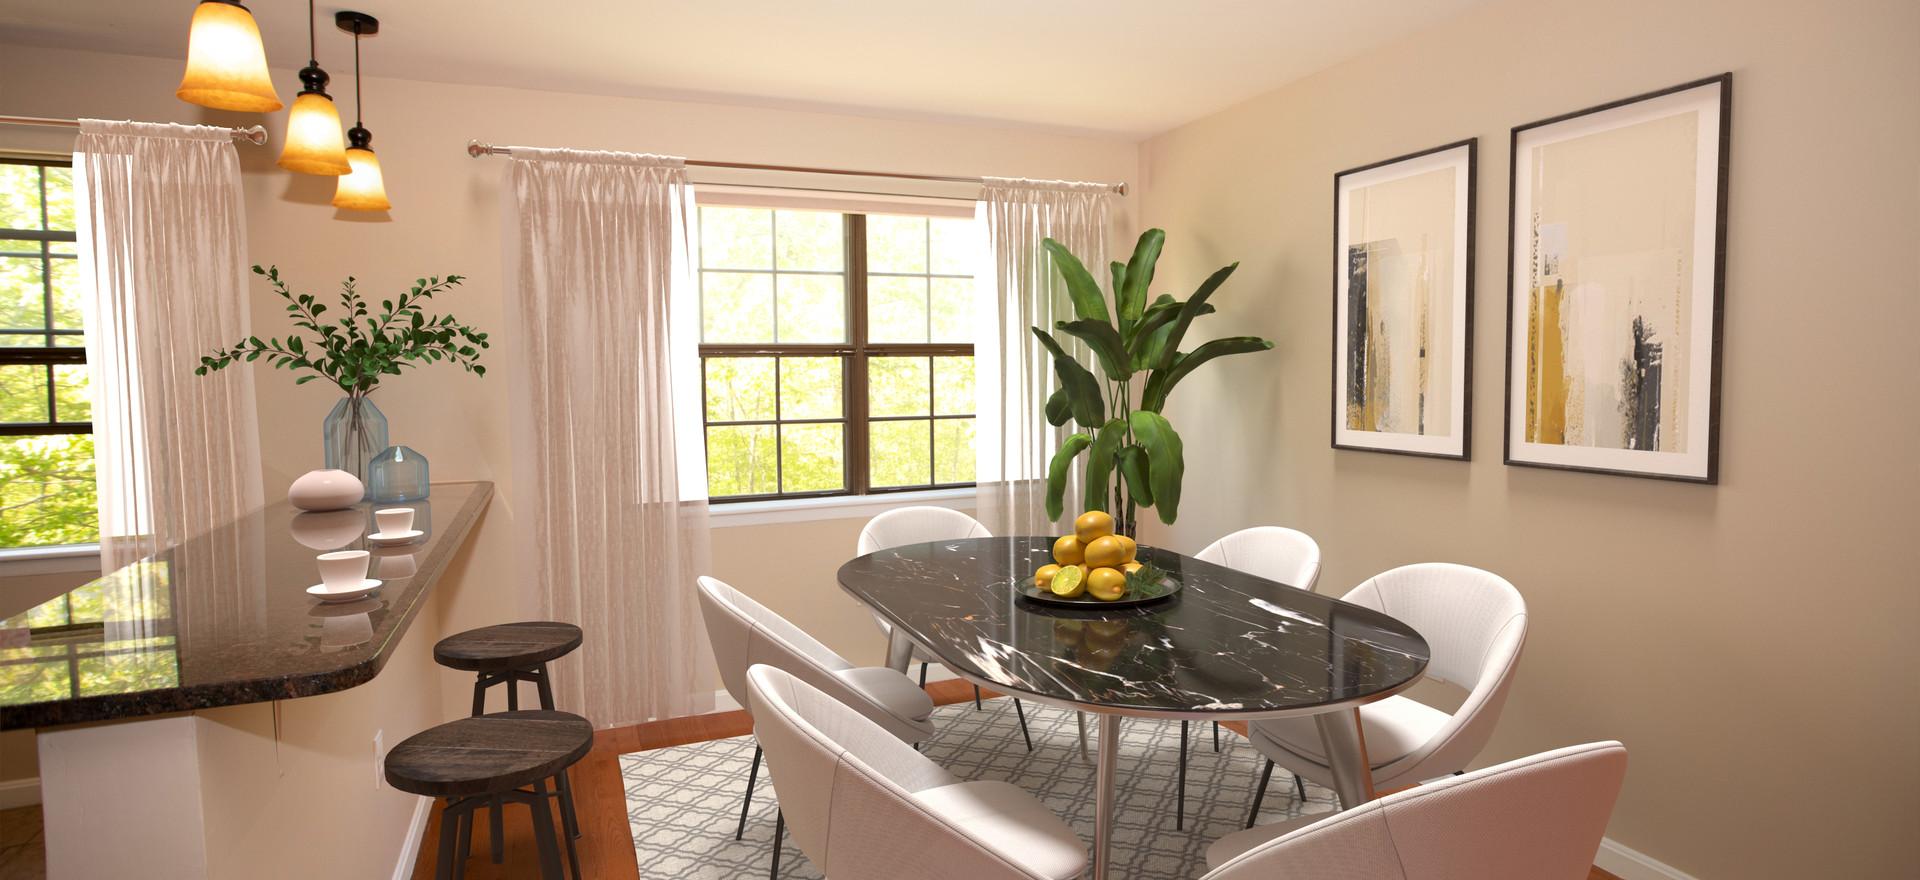 30 Golden Hil  Dining Room